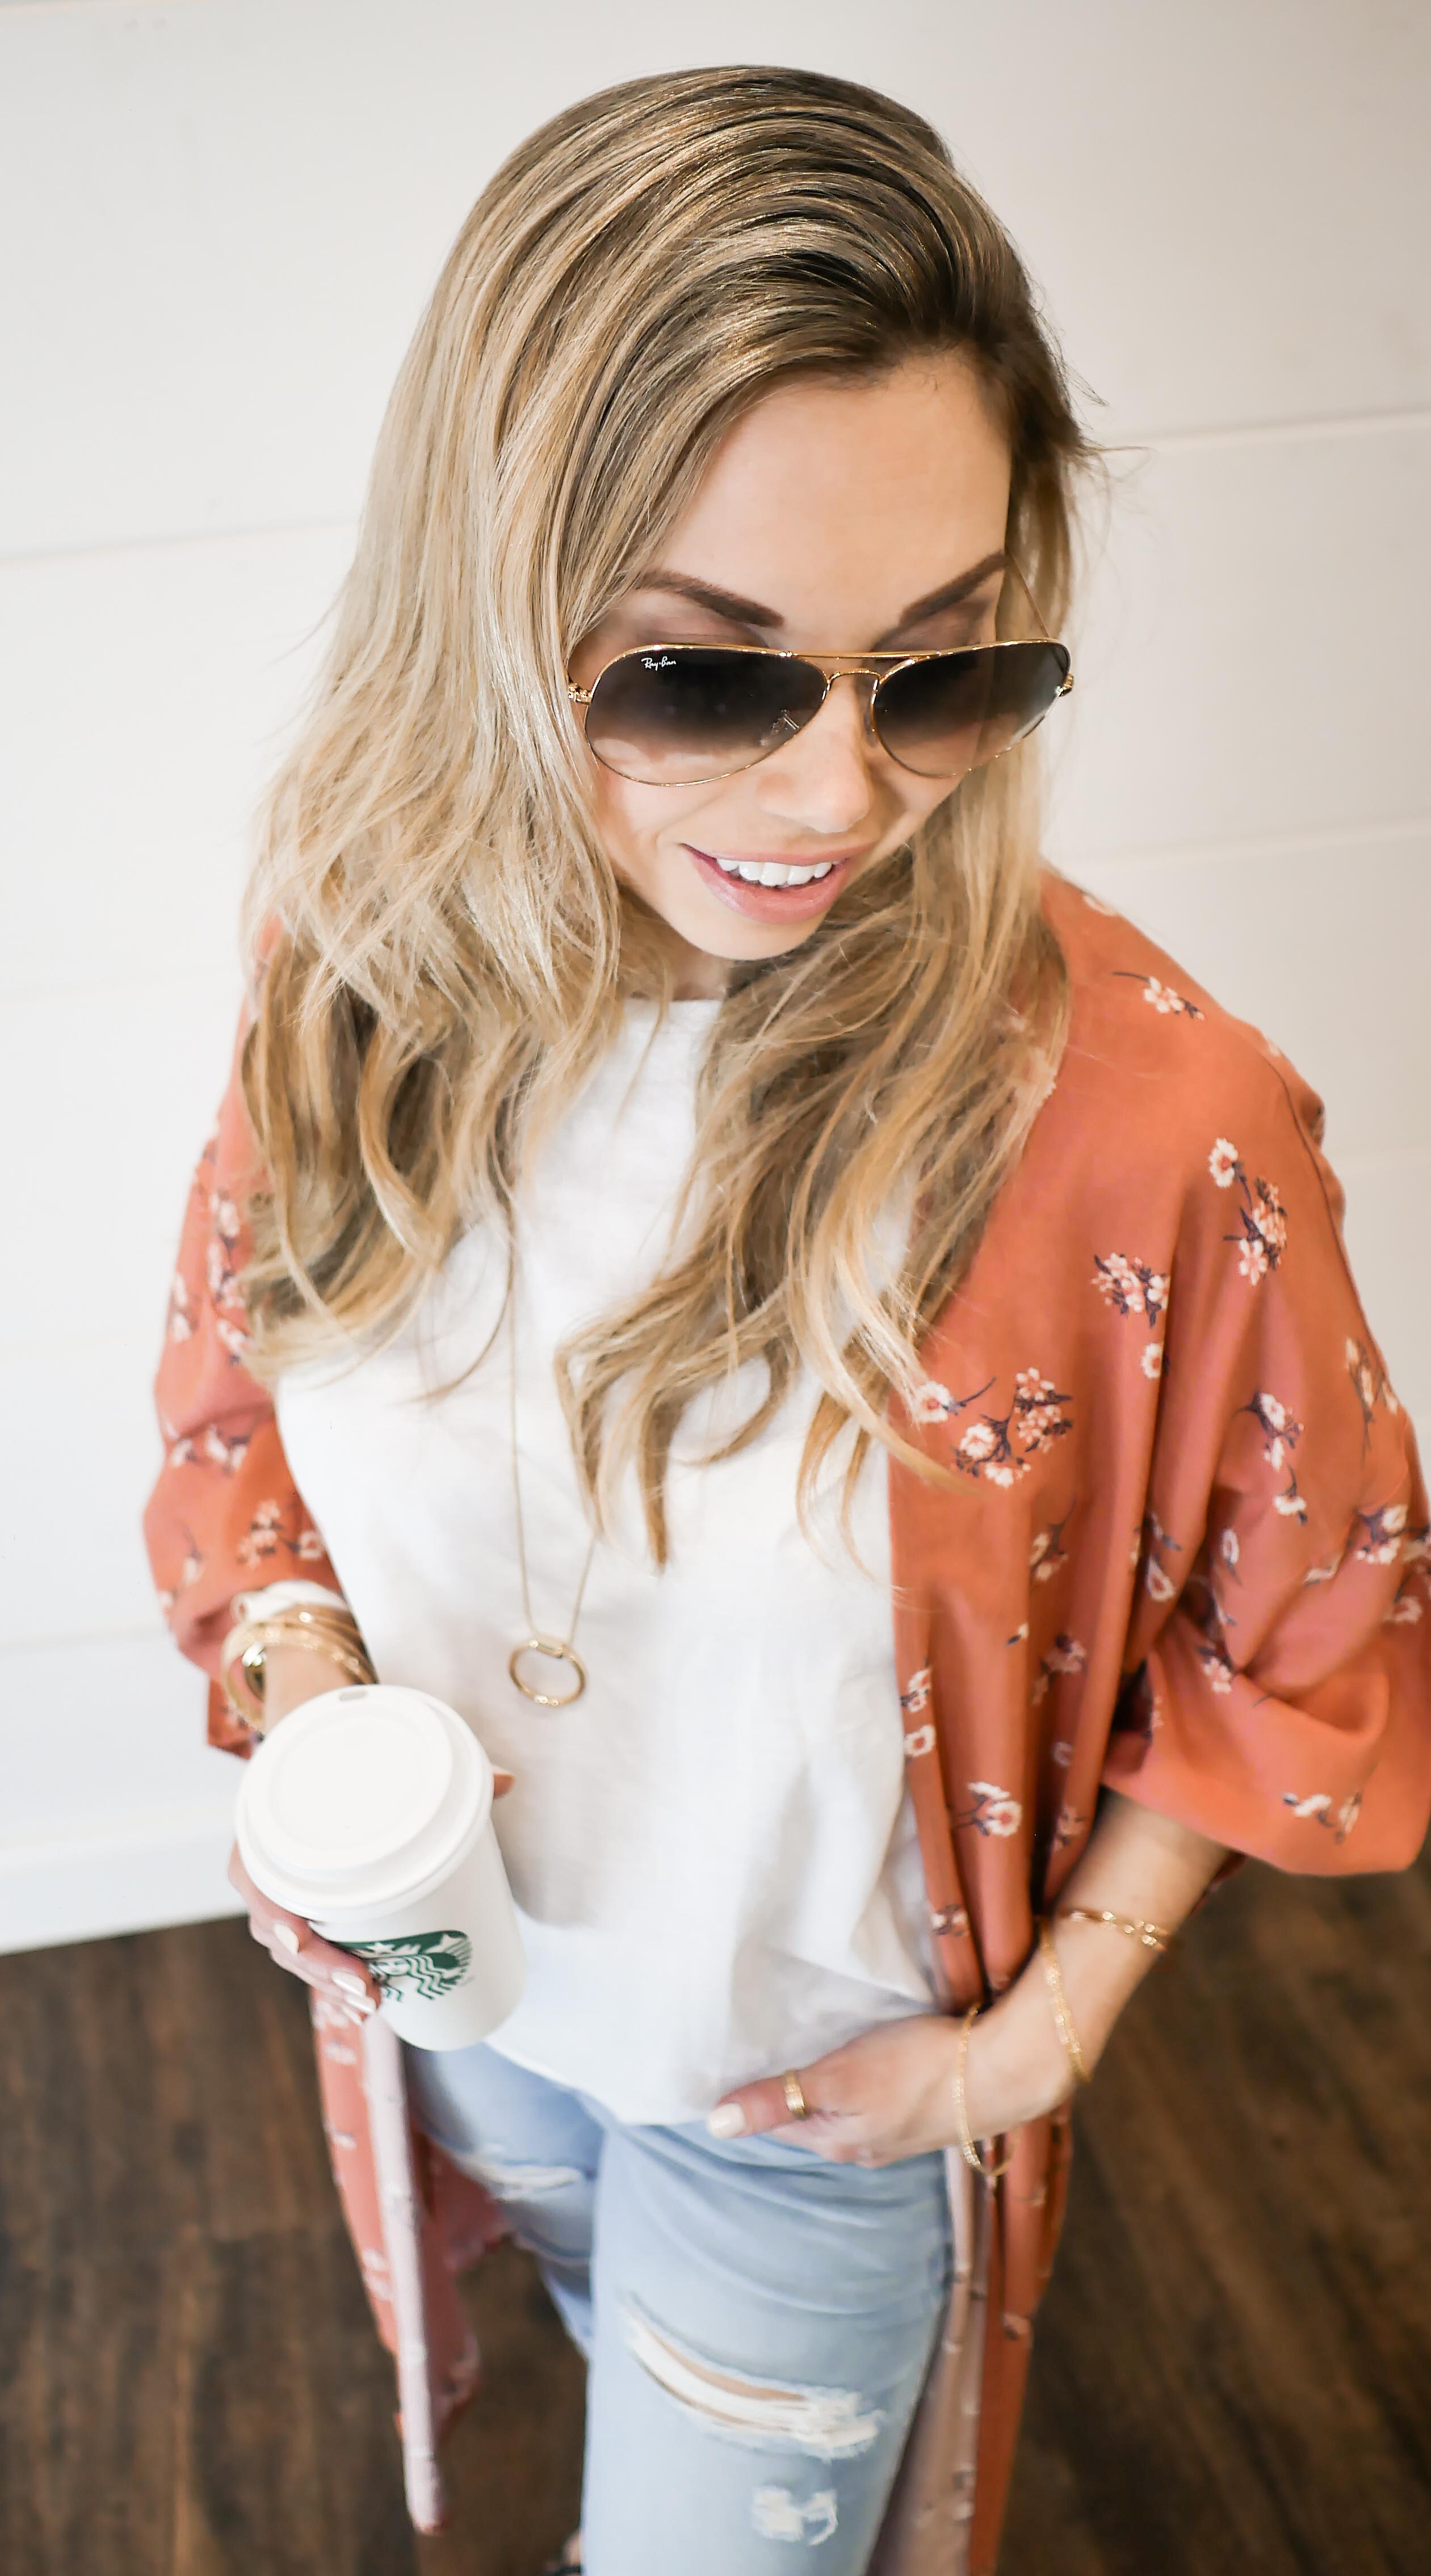 Spring 2018 style - kimono and basic white tee